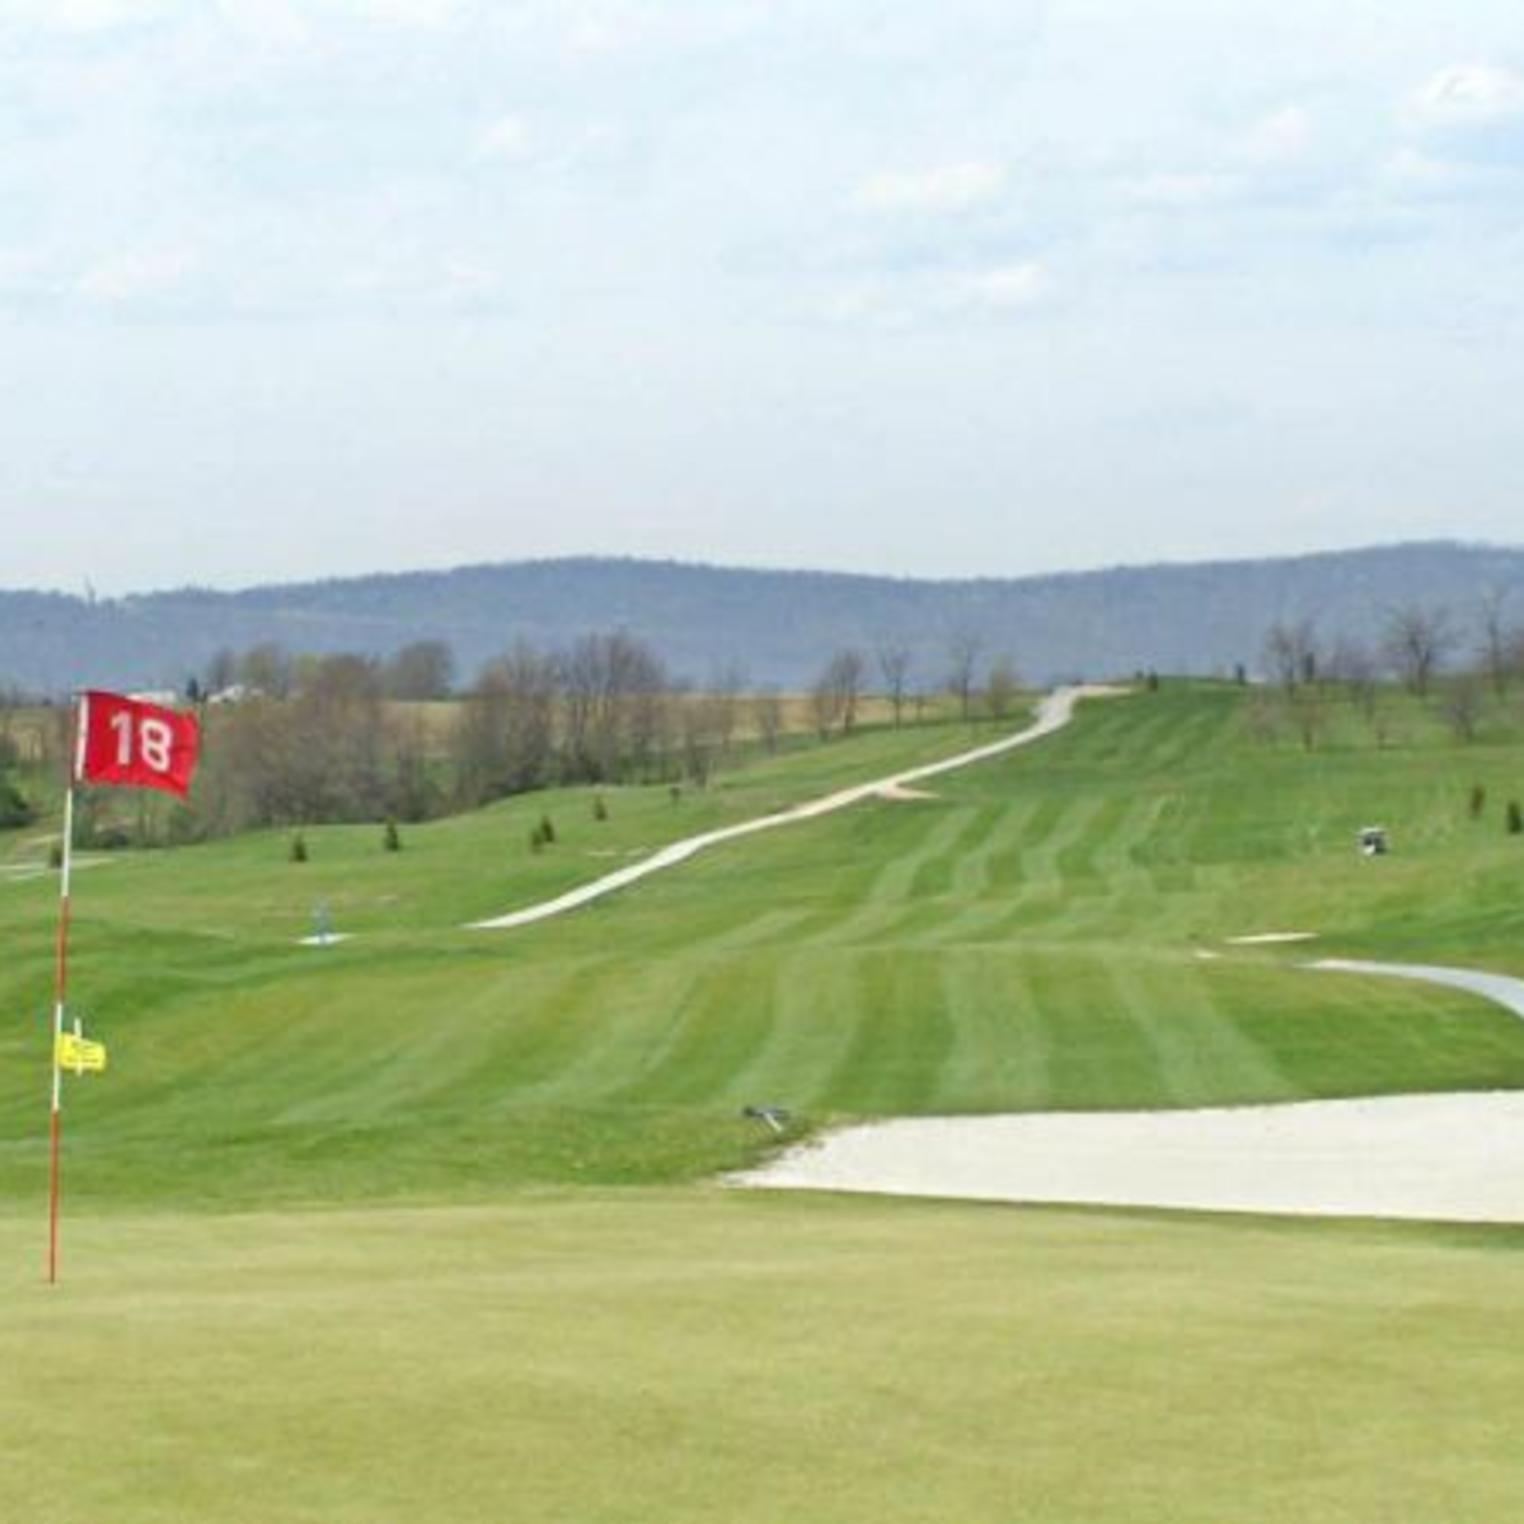 Eagles Crossing Golf Club